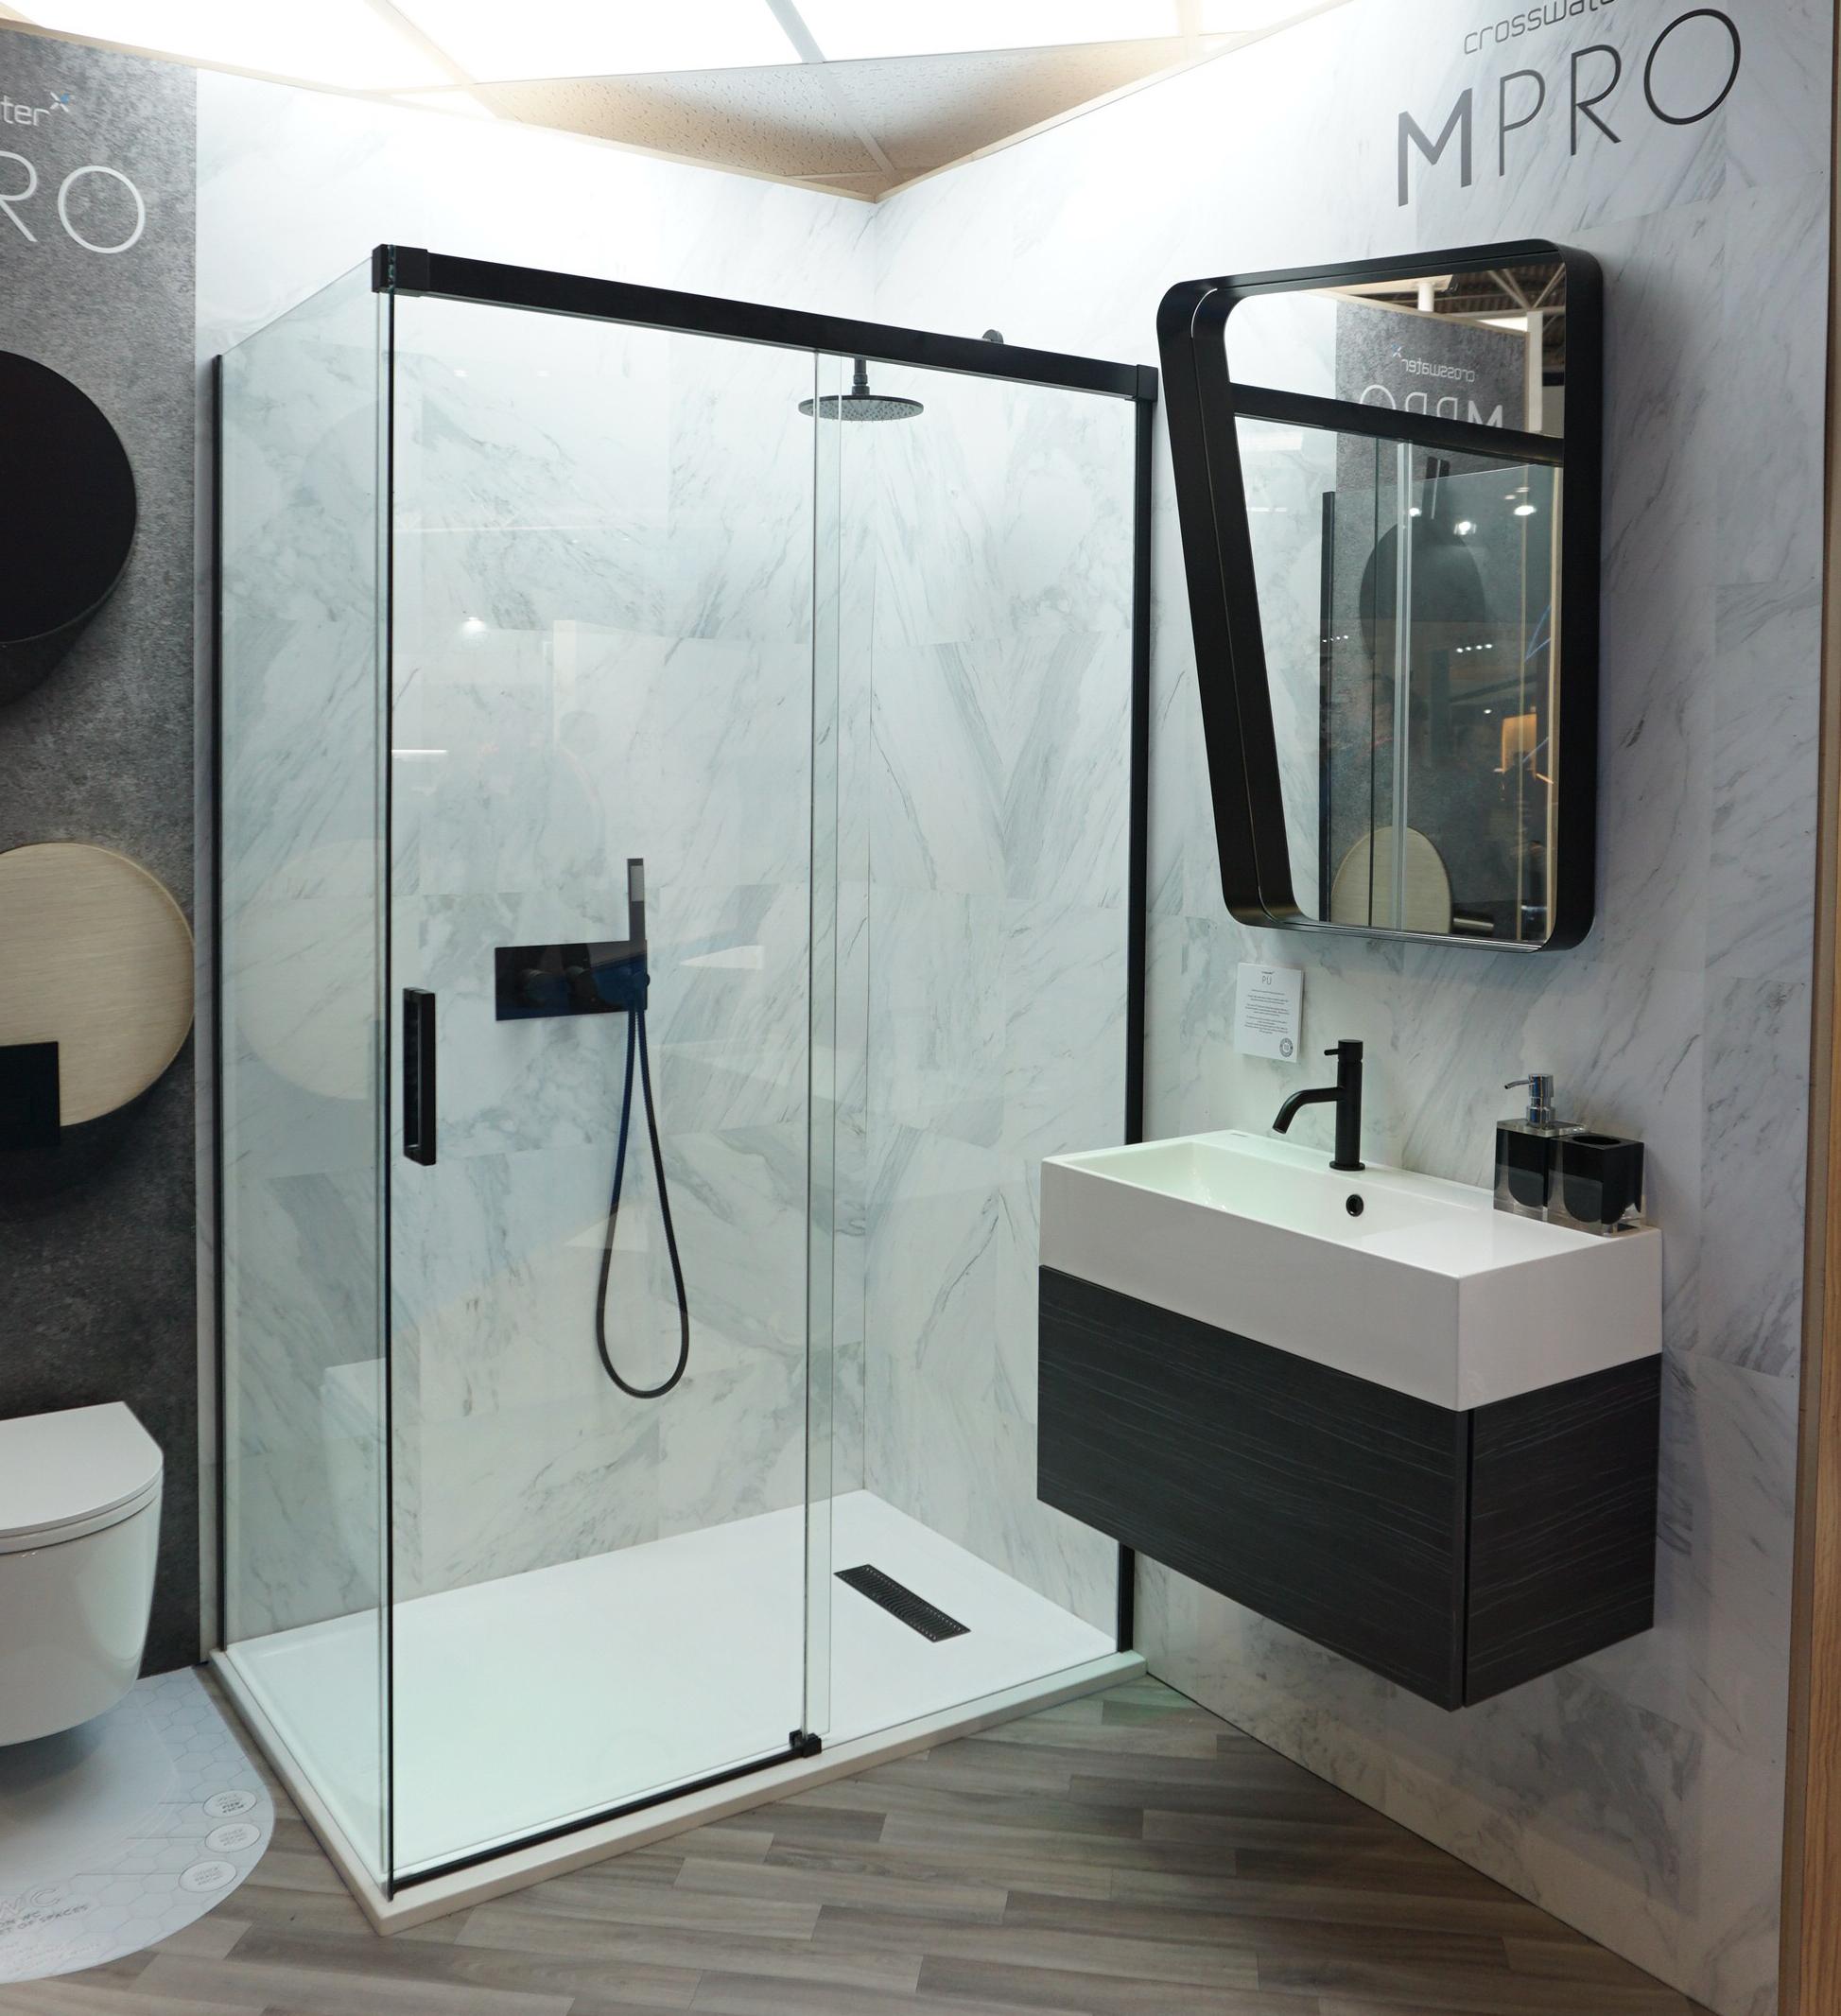 Cross water black framed shower and screen.jpg